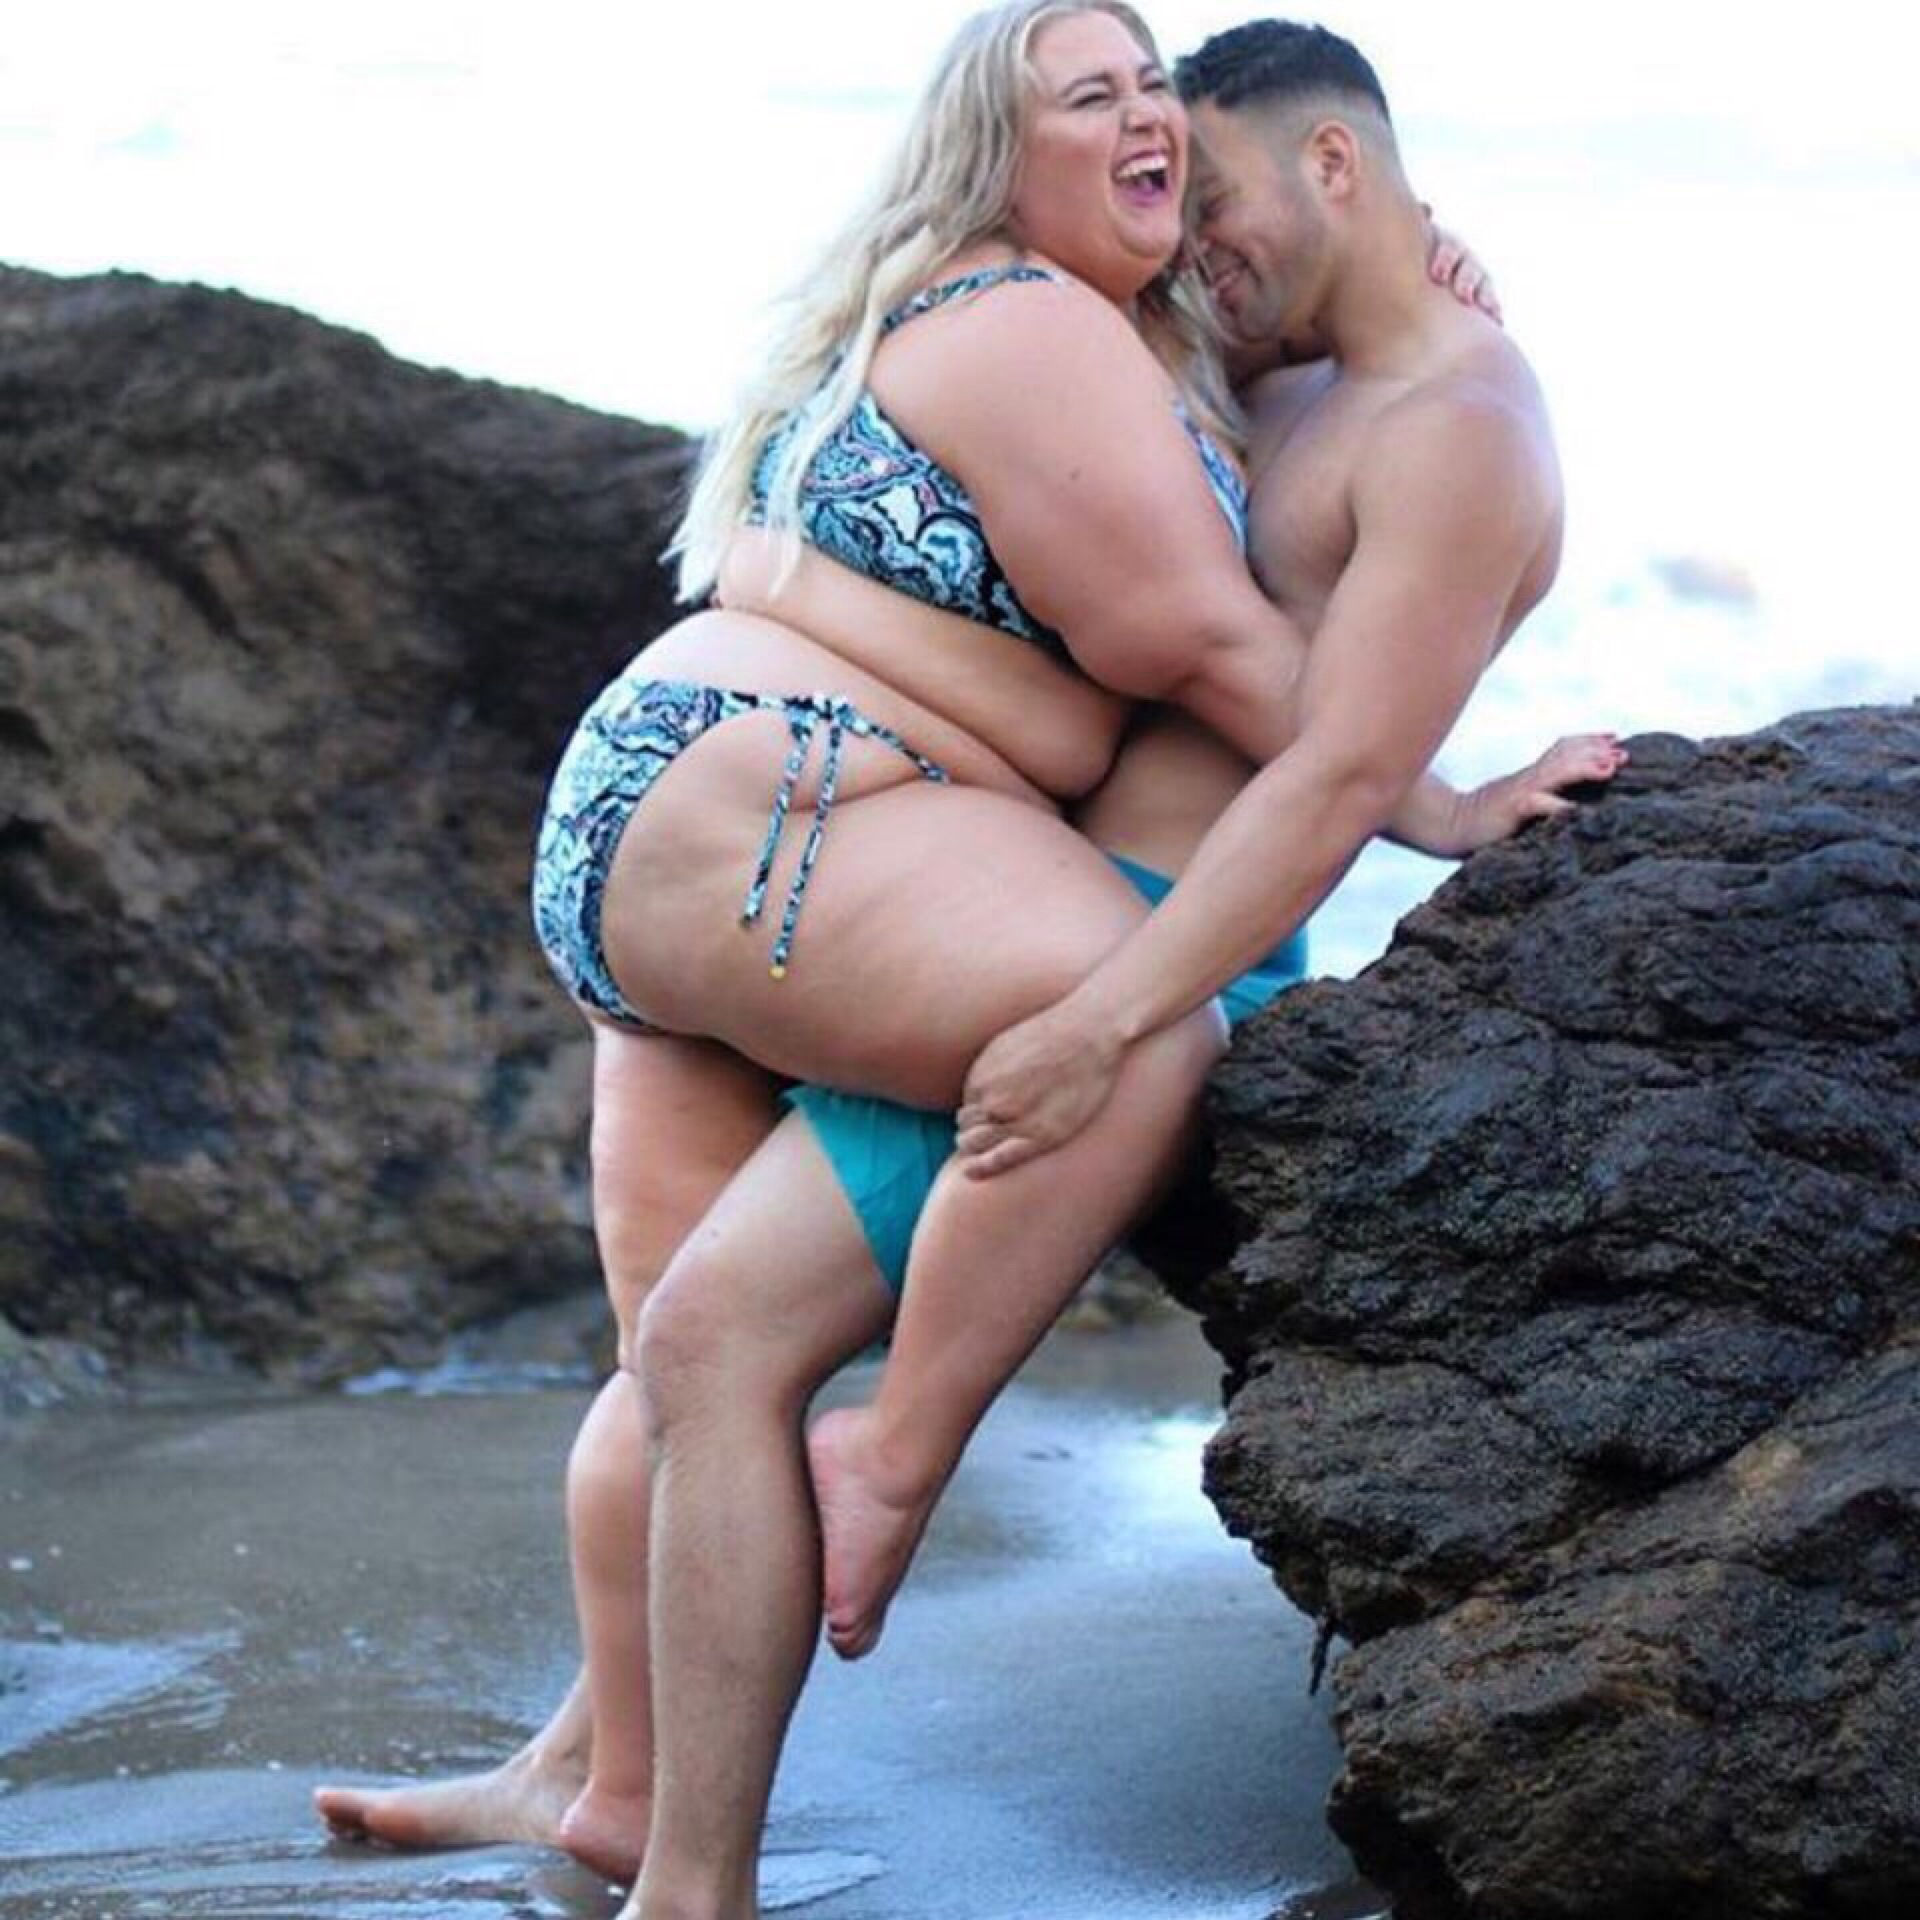 Пусси сношаться с толстыми мужиками донецк